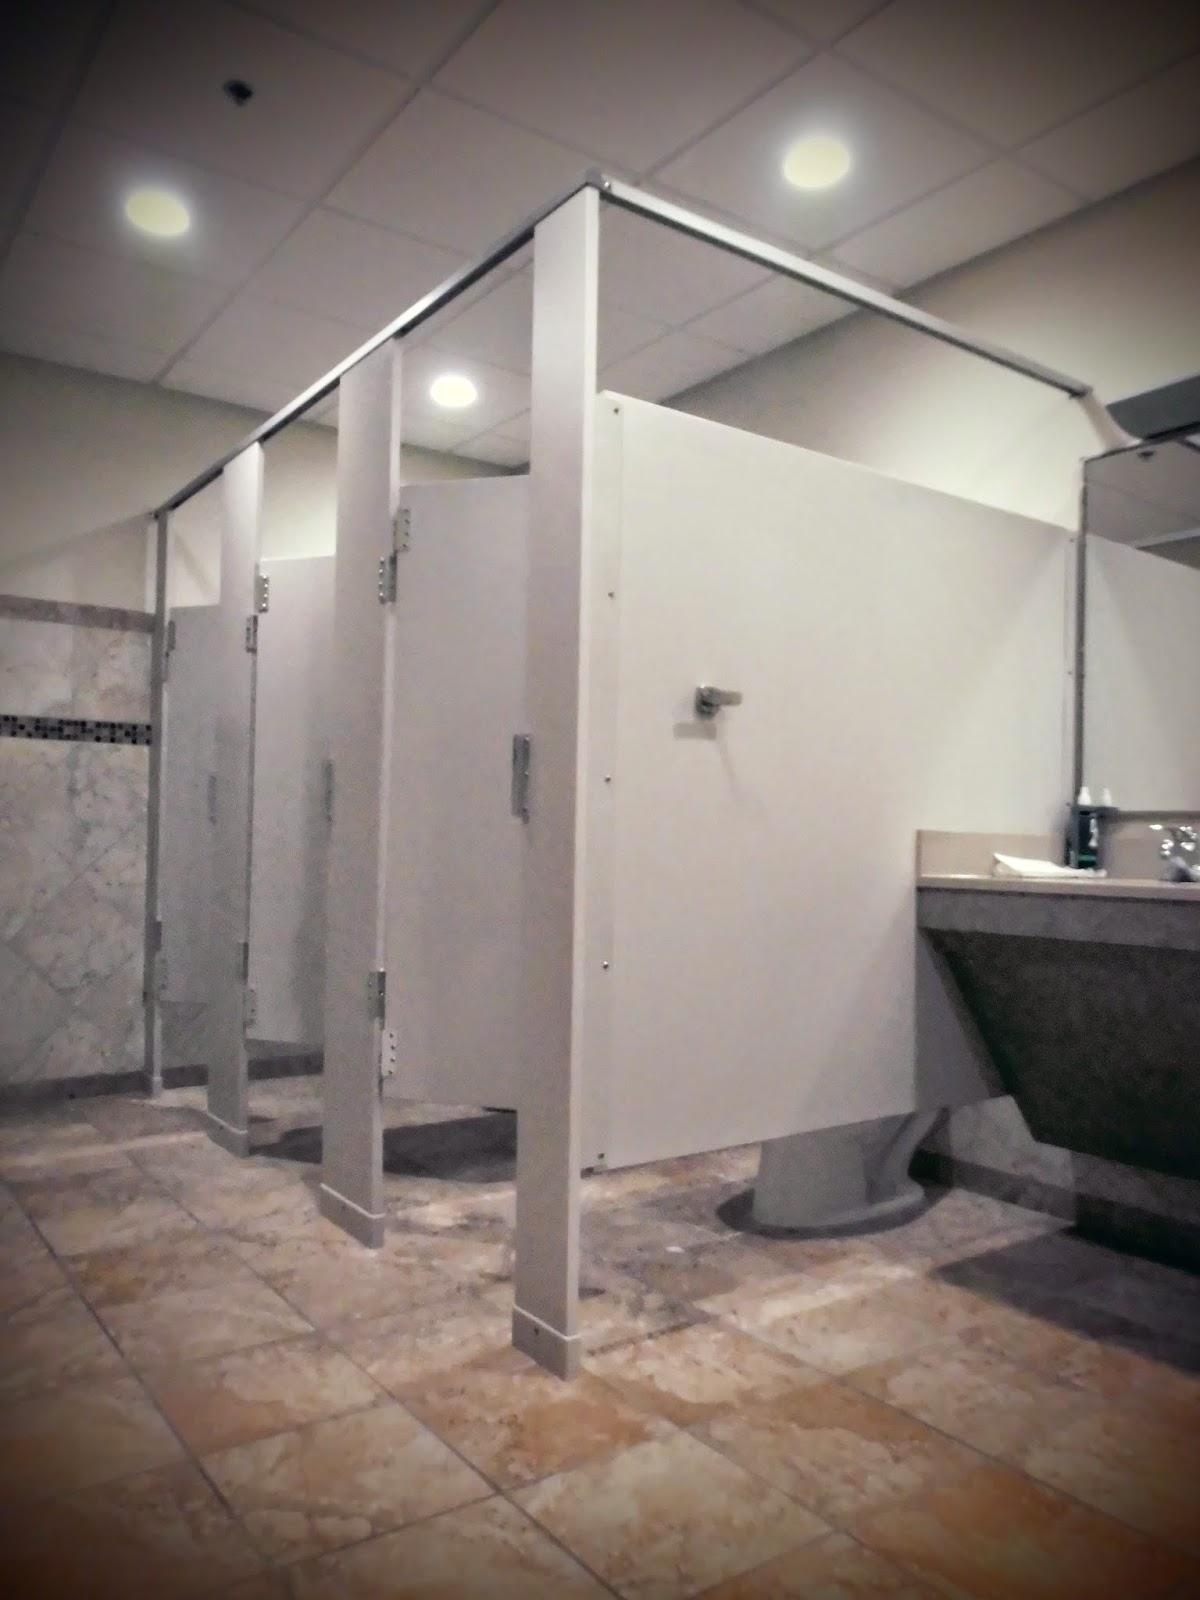 Frenchy aux Etats-Unis: Courte histoire de toilettes